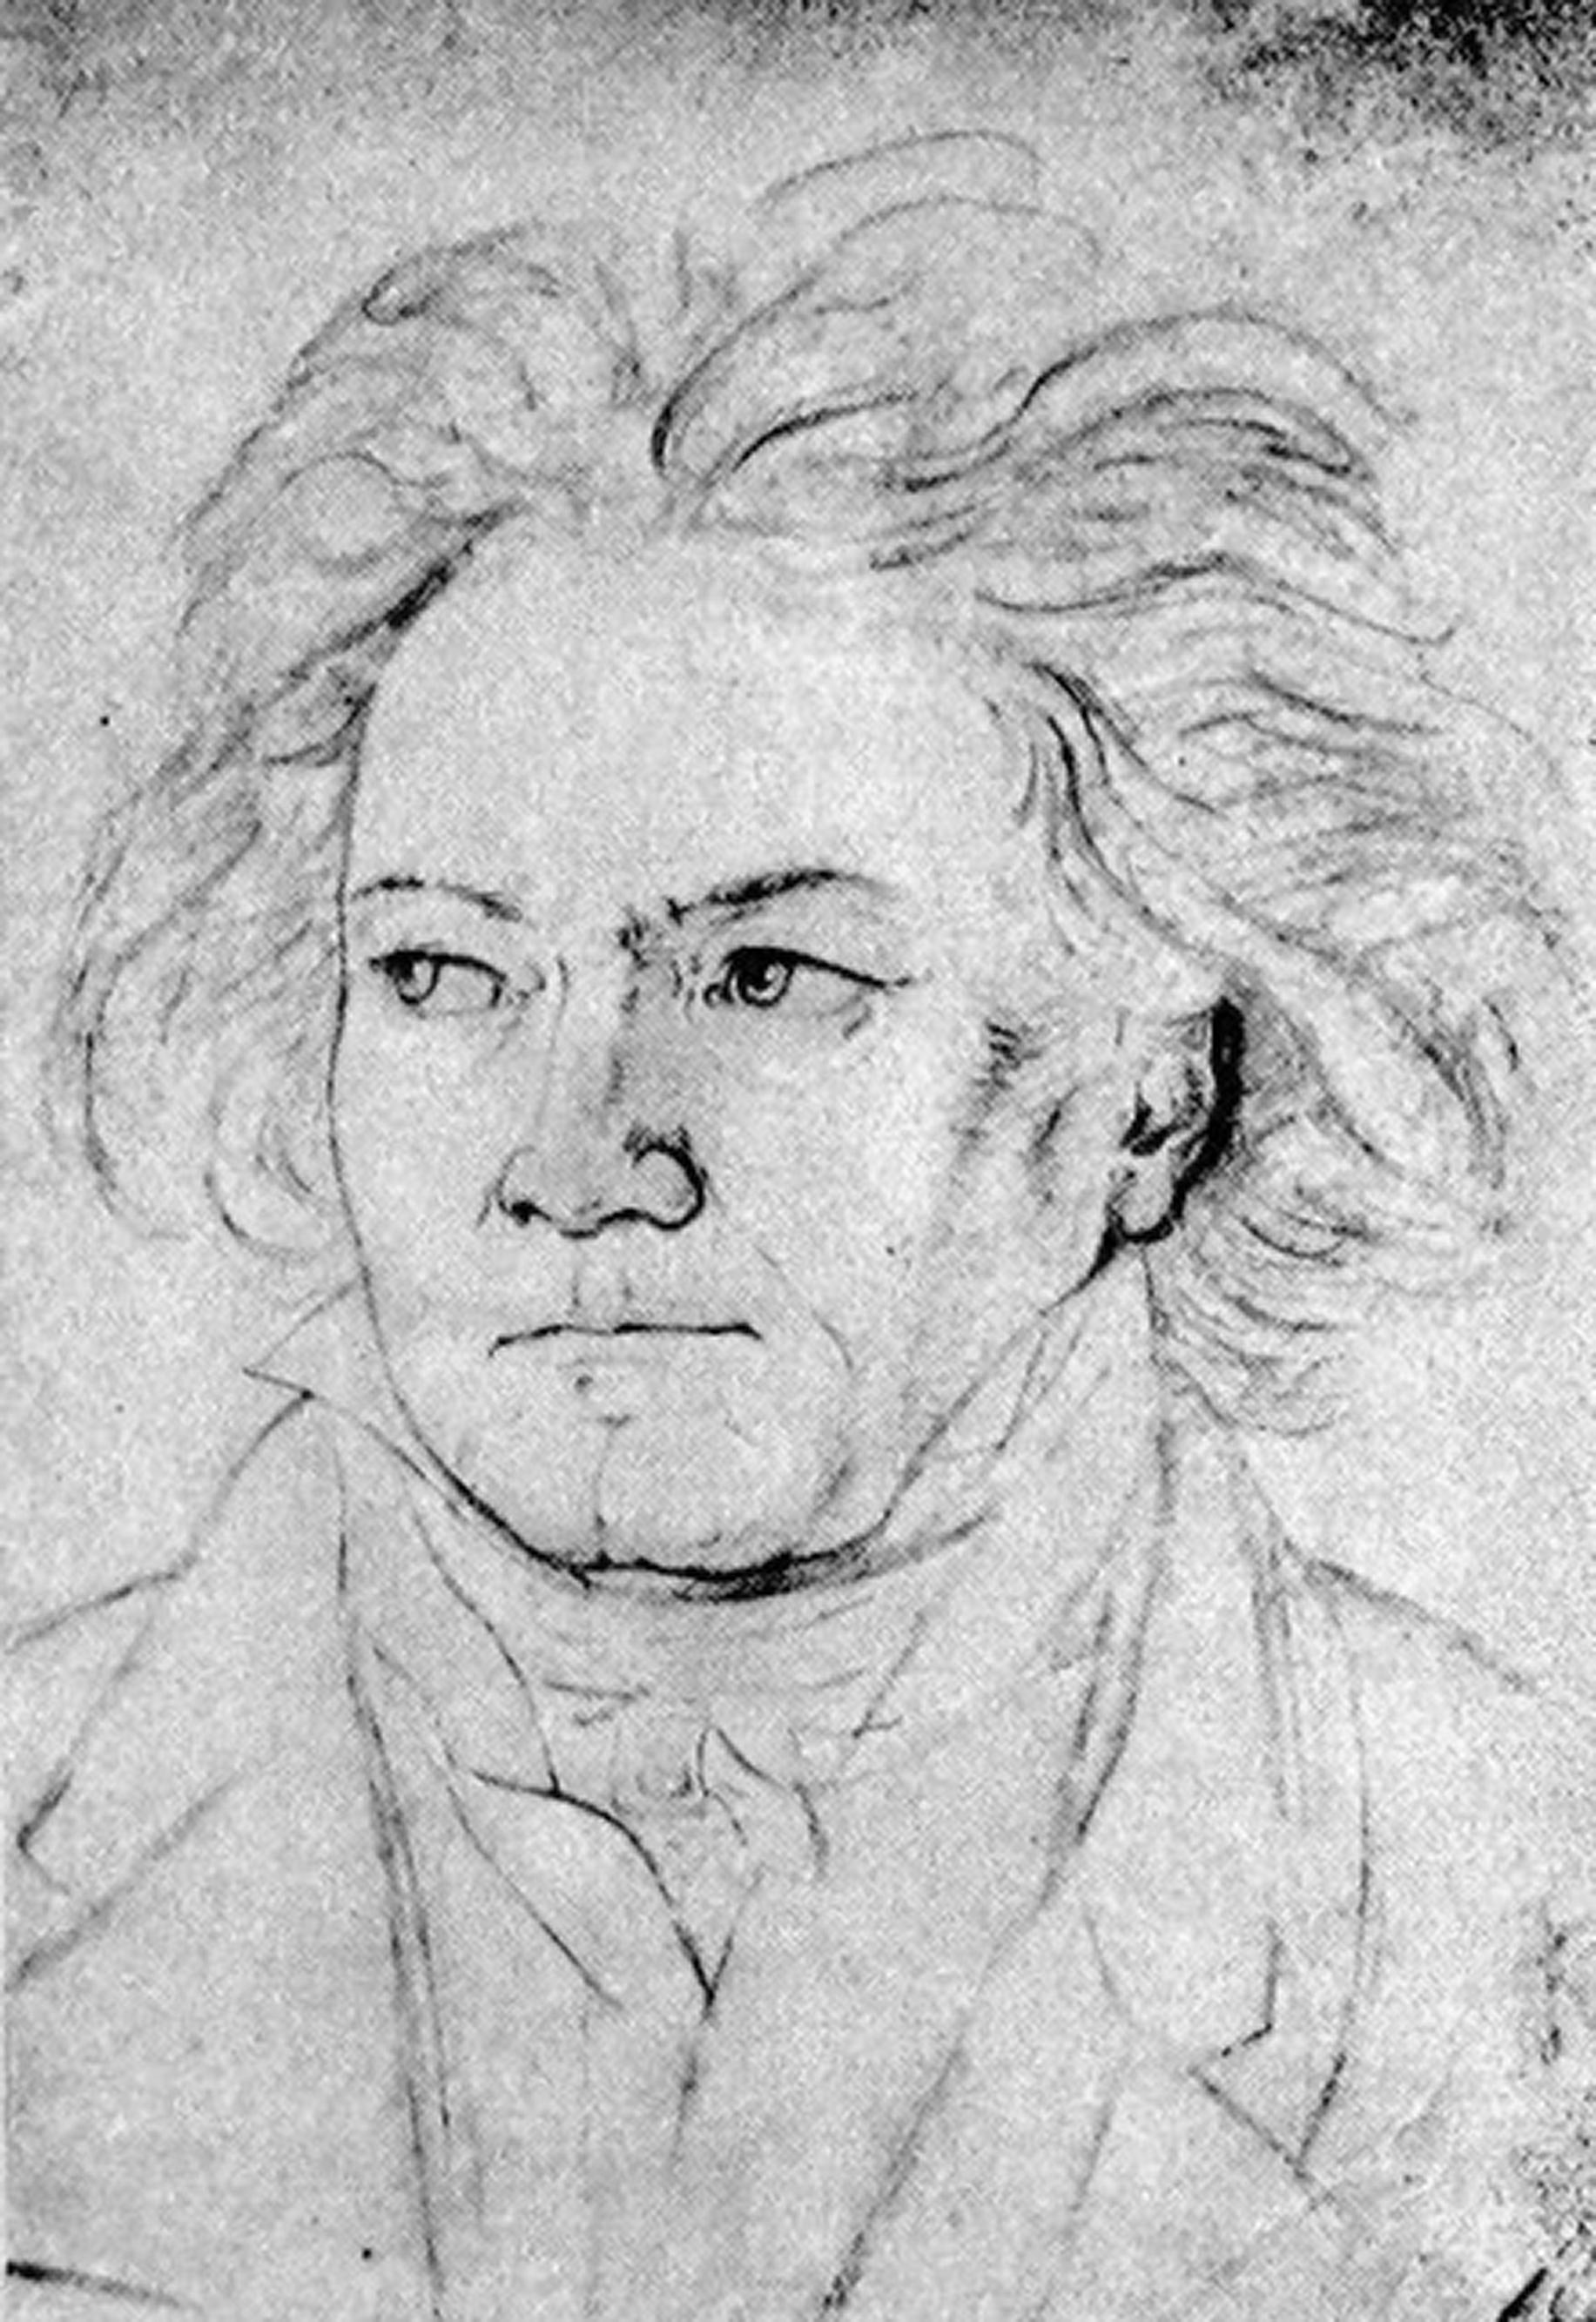 Ludwig van Beethoven - The Ruins of Athens, Op. 113Turkish MarchPiano Concerto No. 5 in E♭ Major, Op. 73,Emperor ConcertoI. AllegroII. Adagio un poco mossoIII. Rondo: Allegro